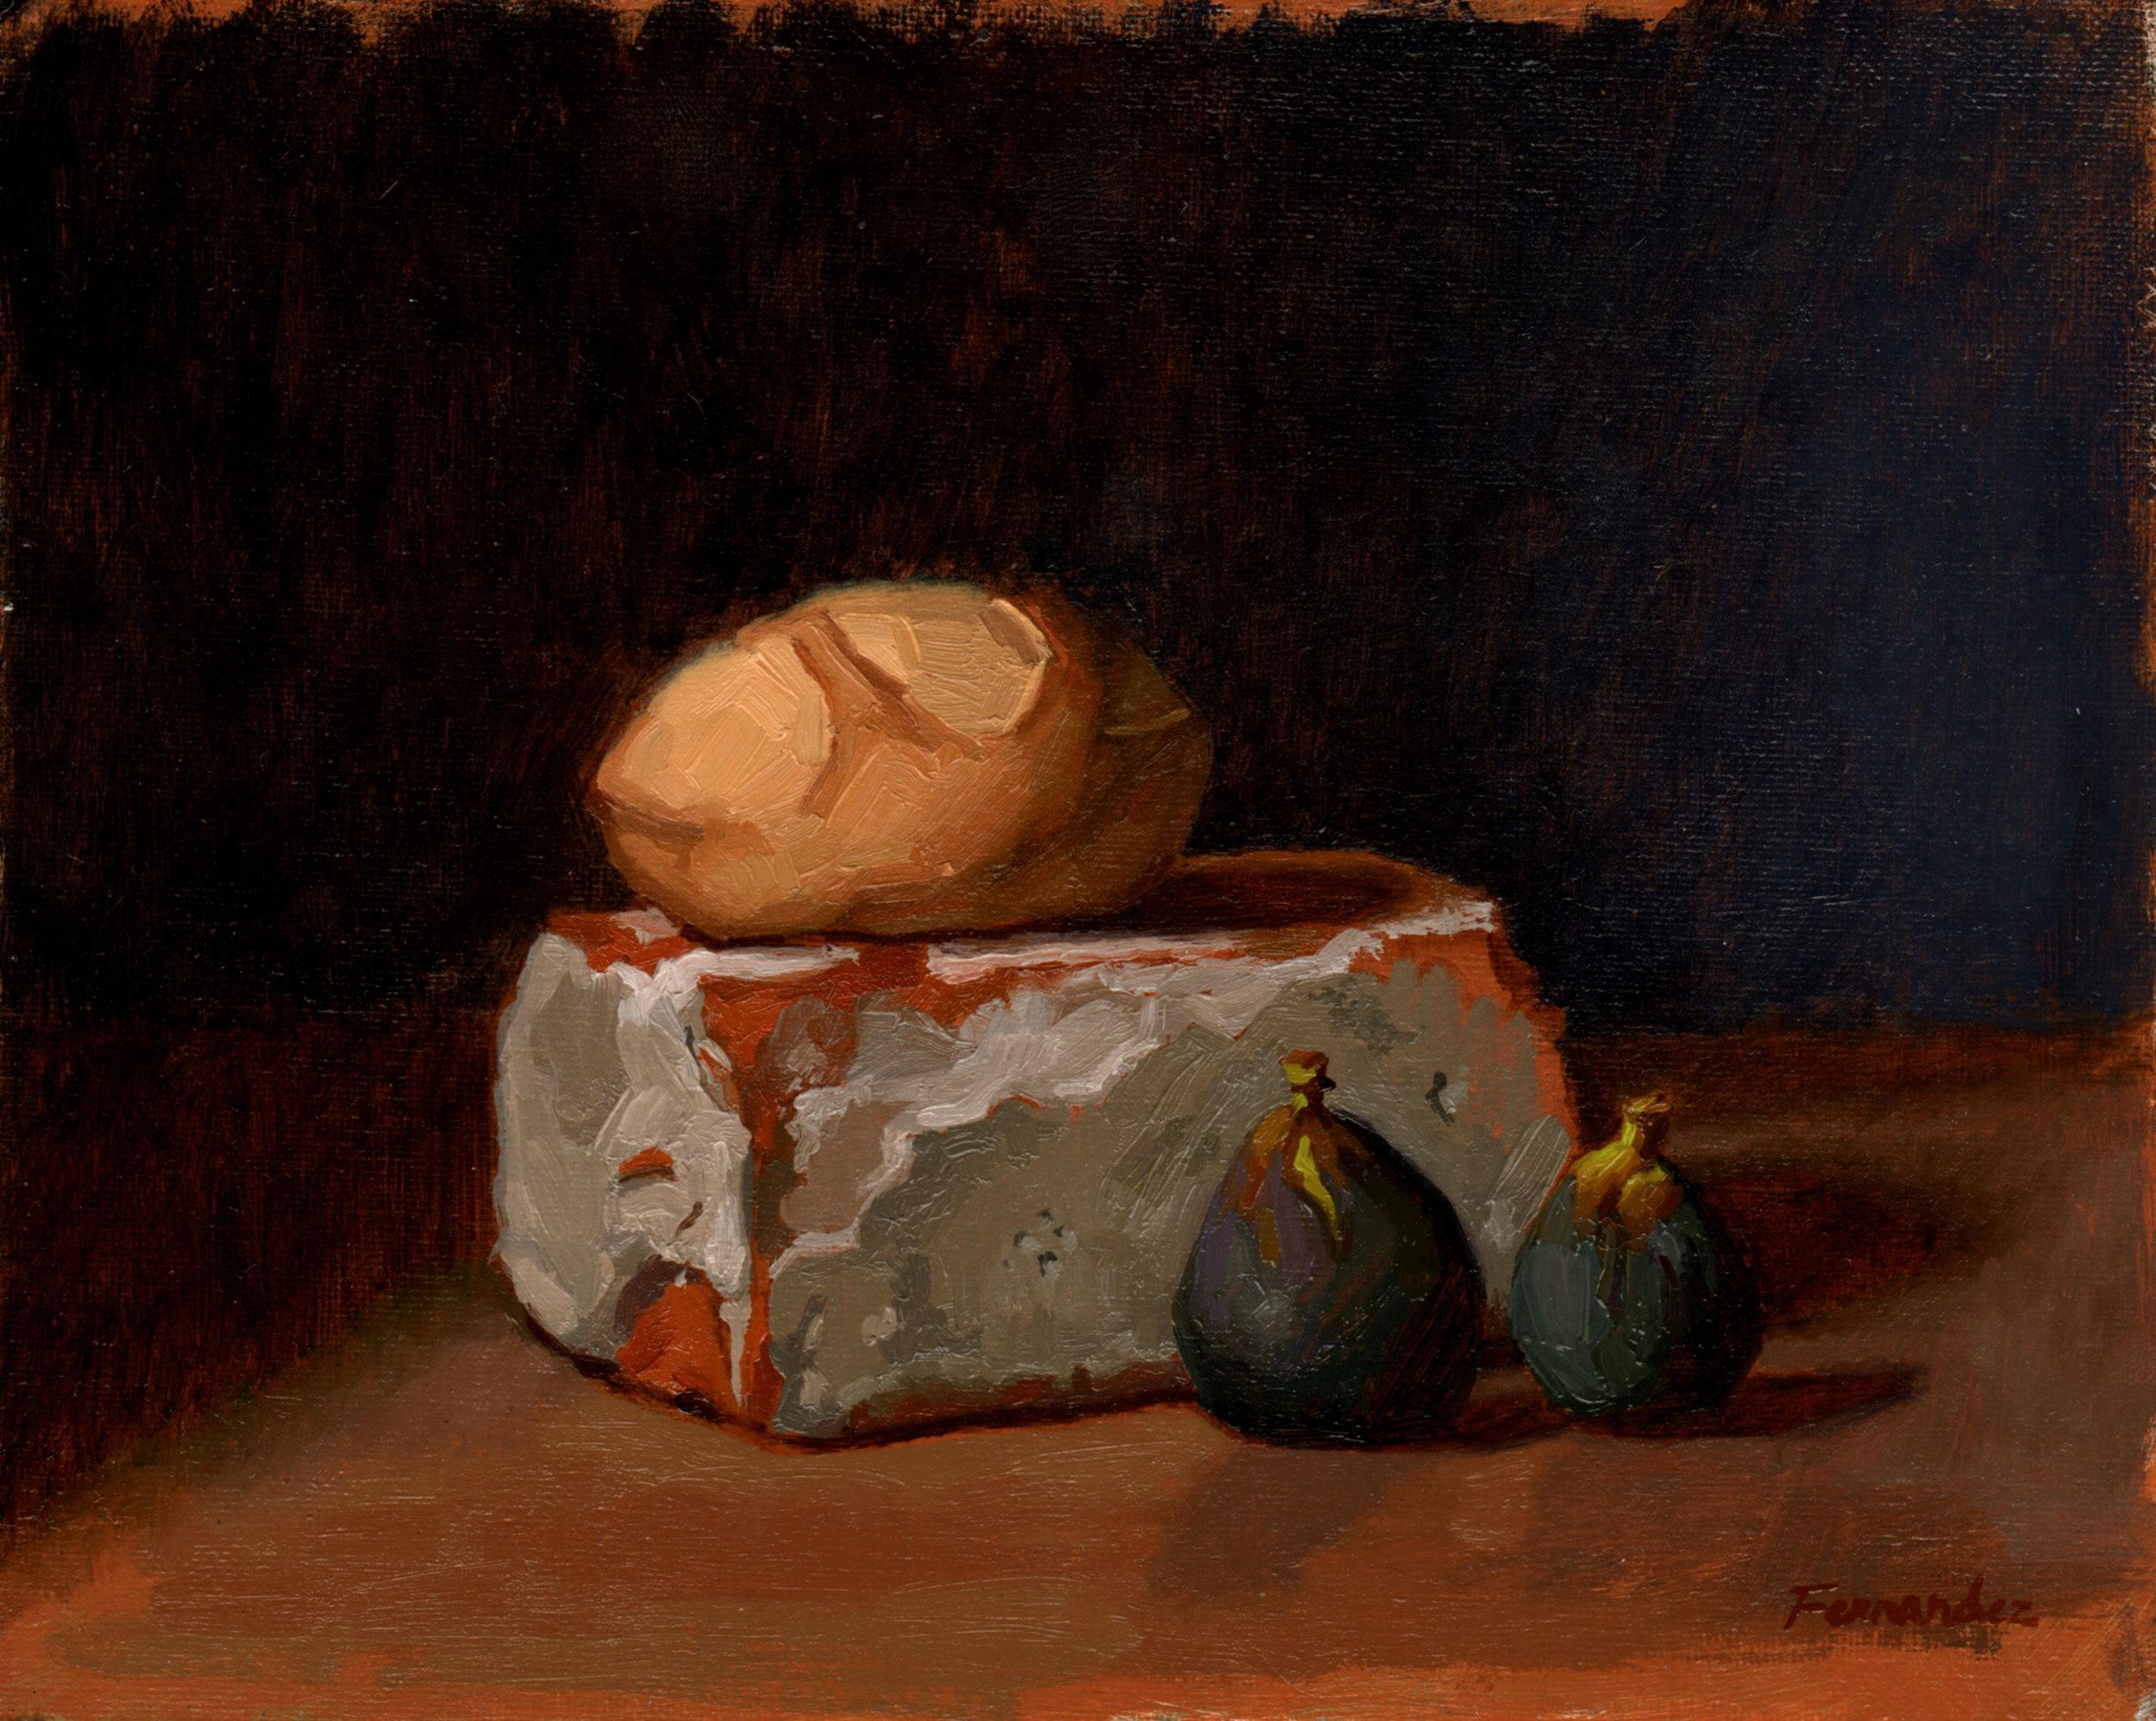 Bread, Brick & Figs